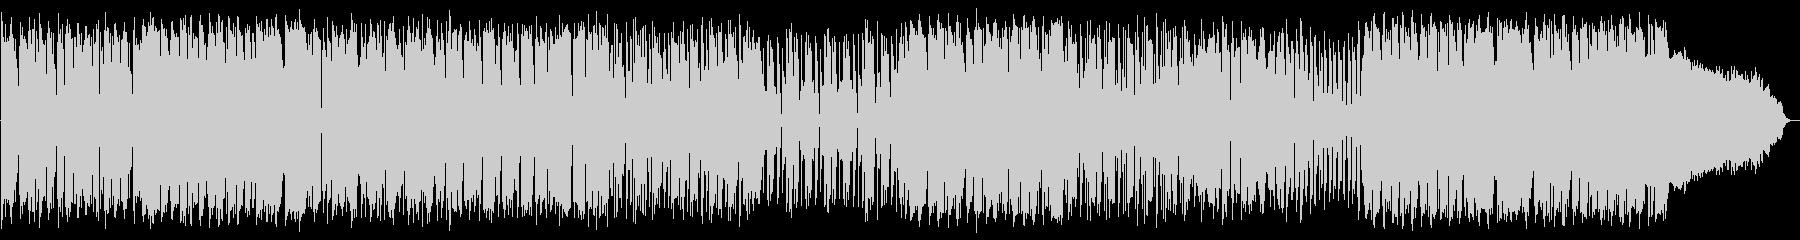 ギターのカッティングが印象的なBGMの未再生の波形